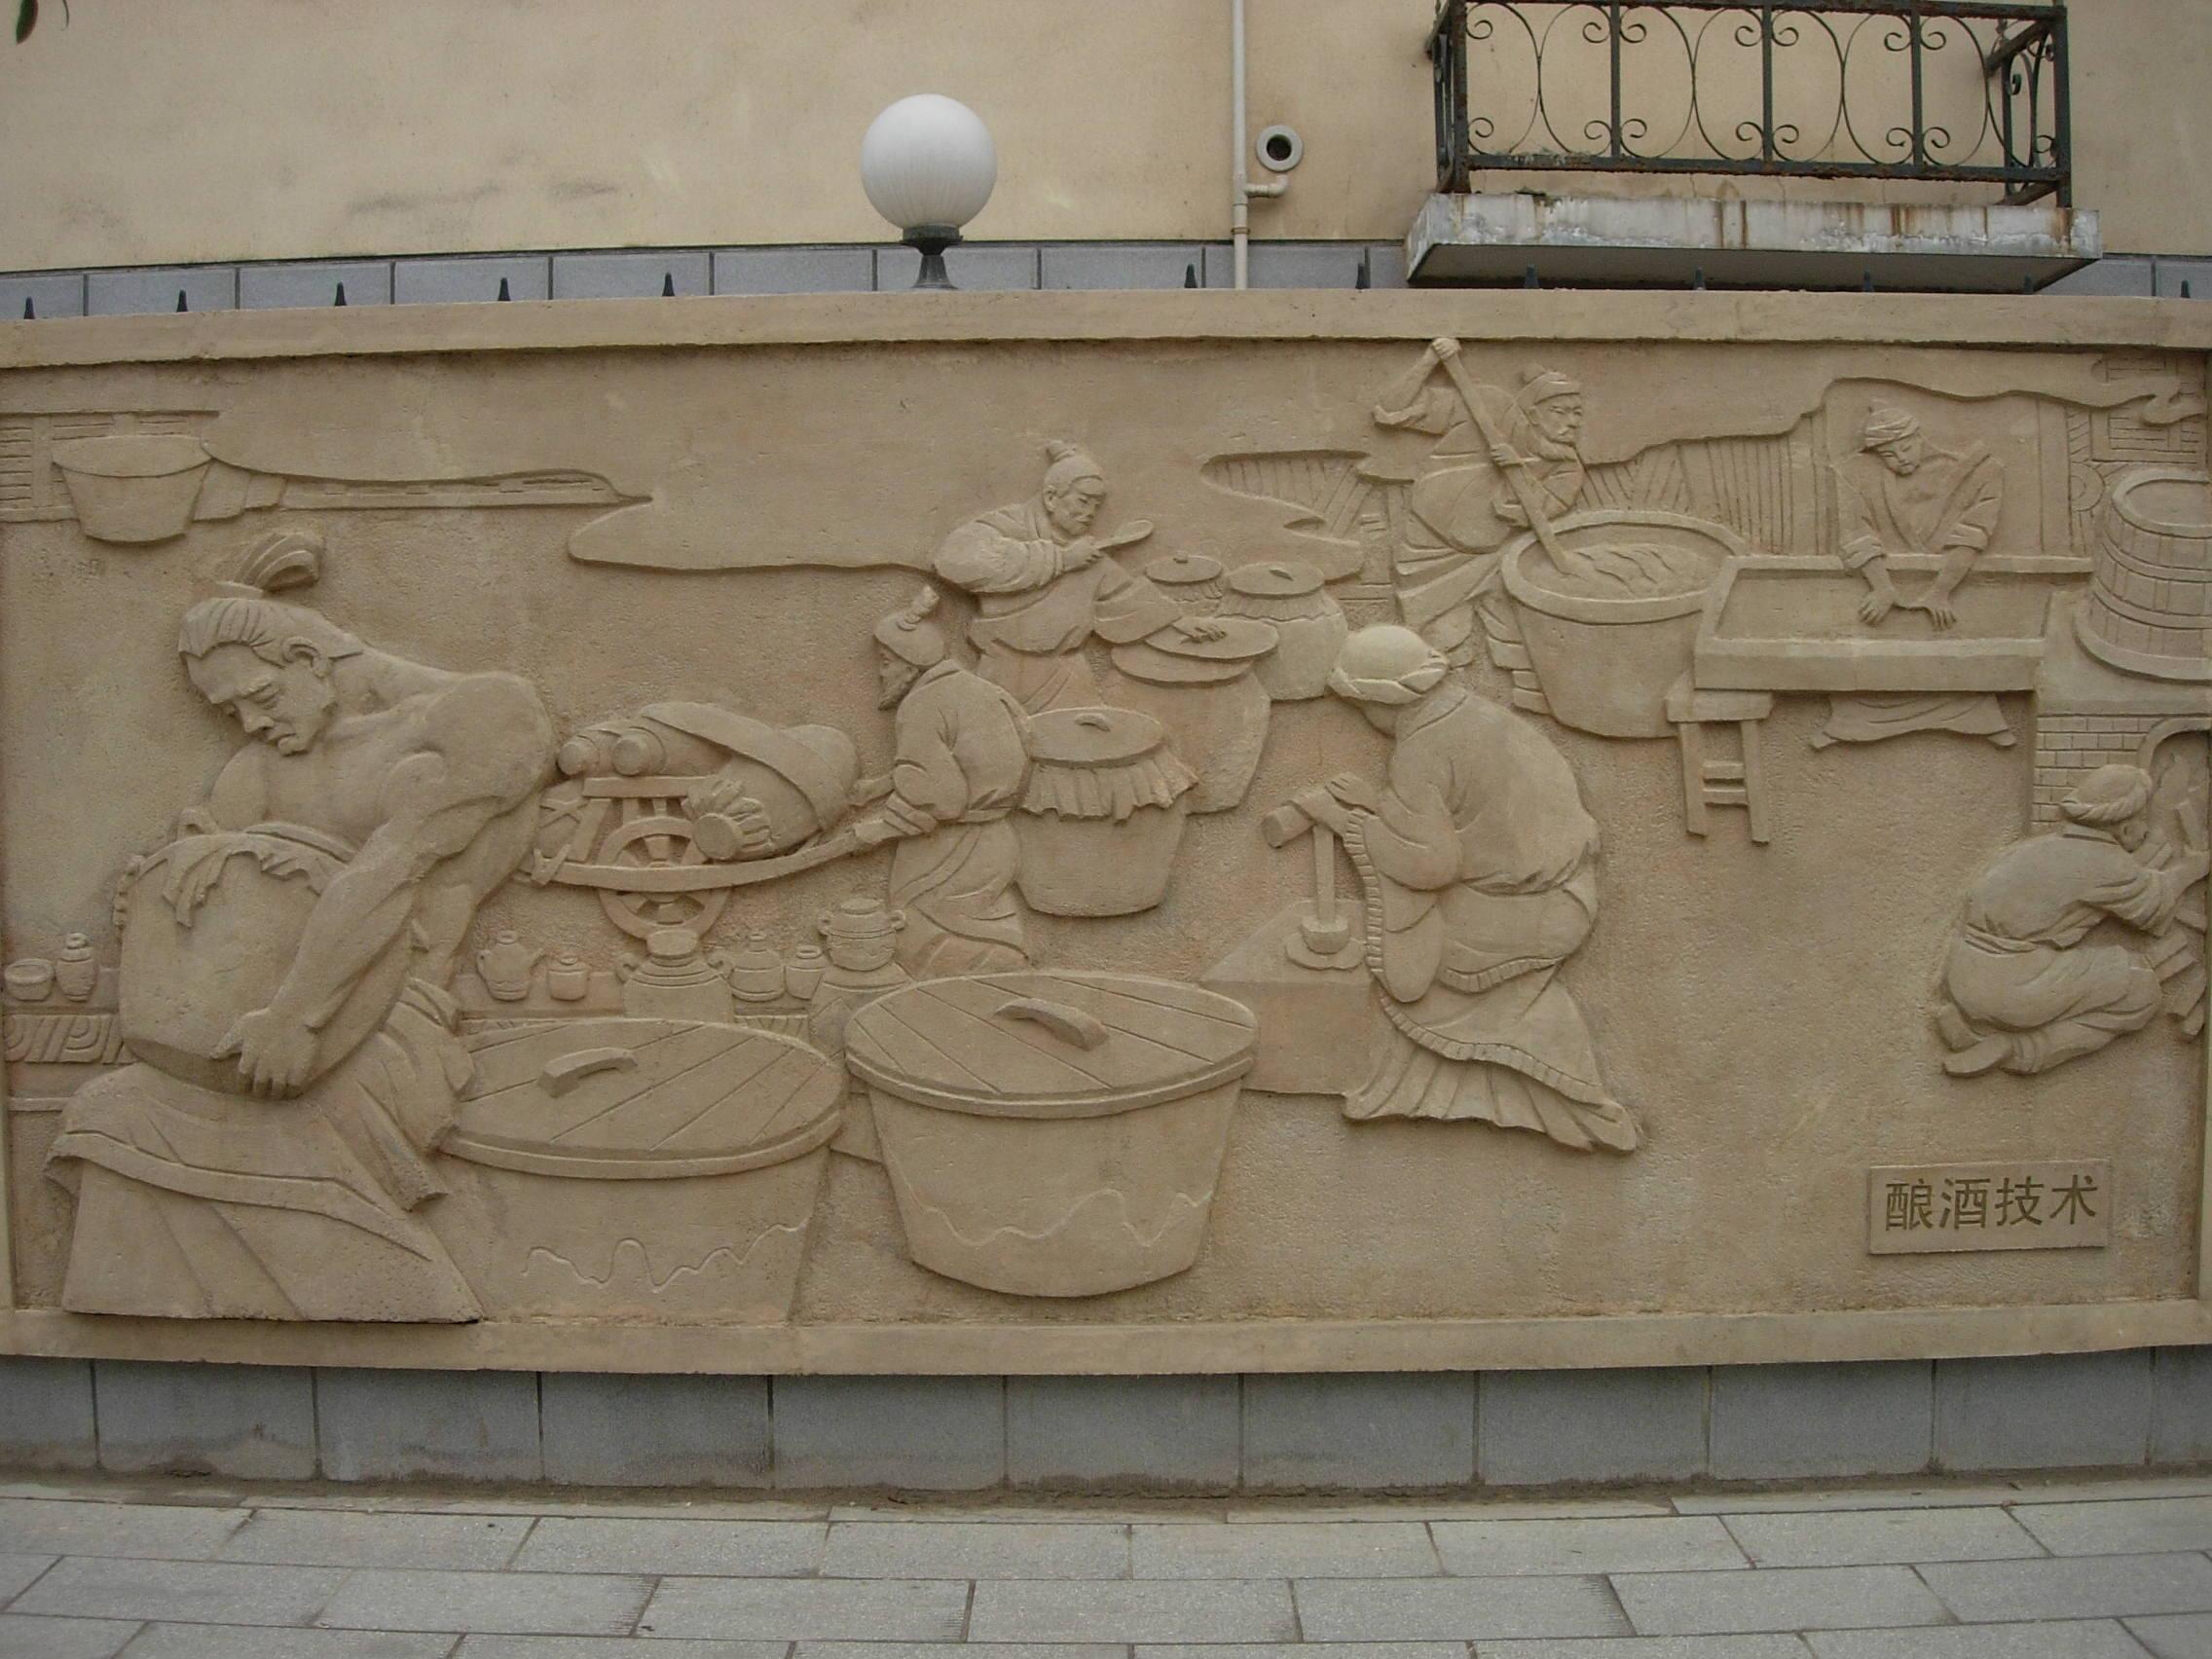 文化墙壁画浮雕